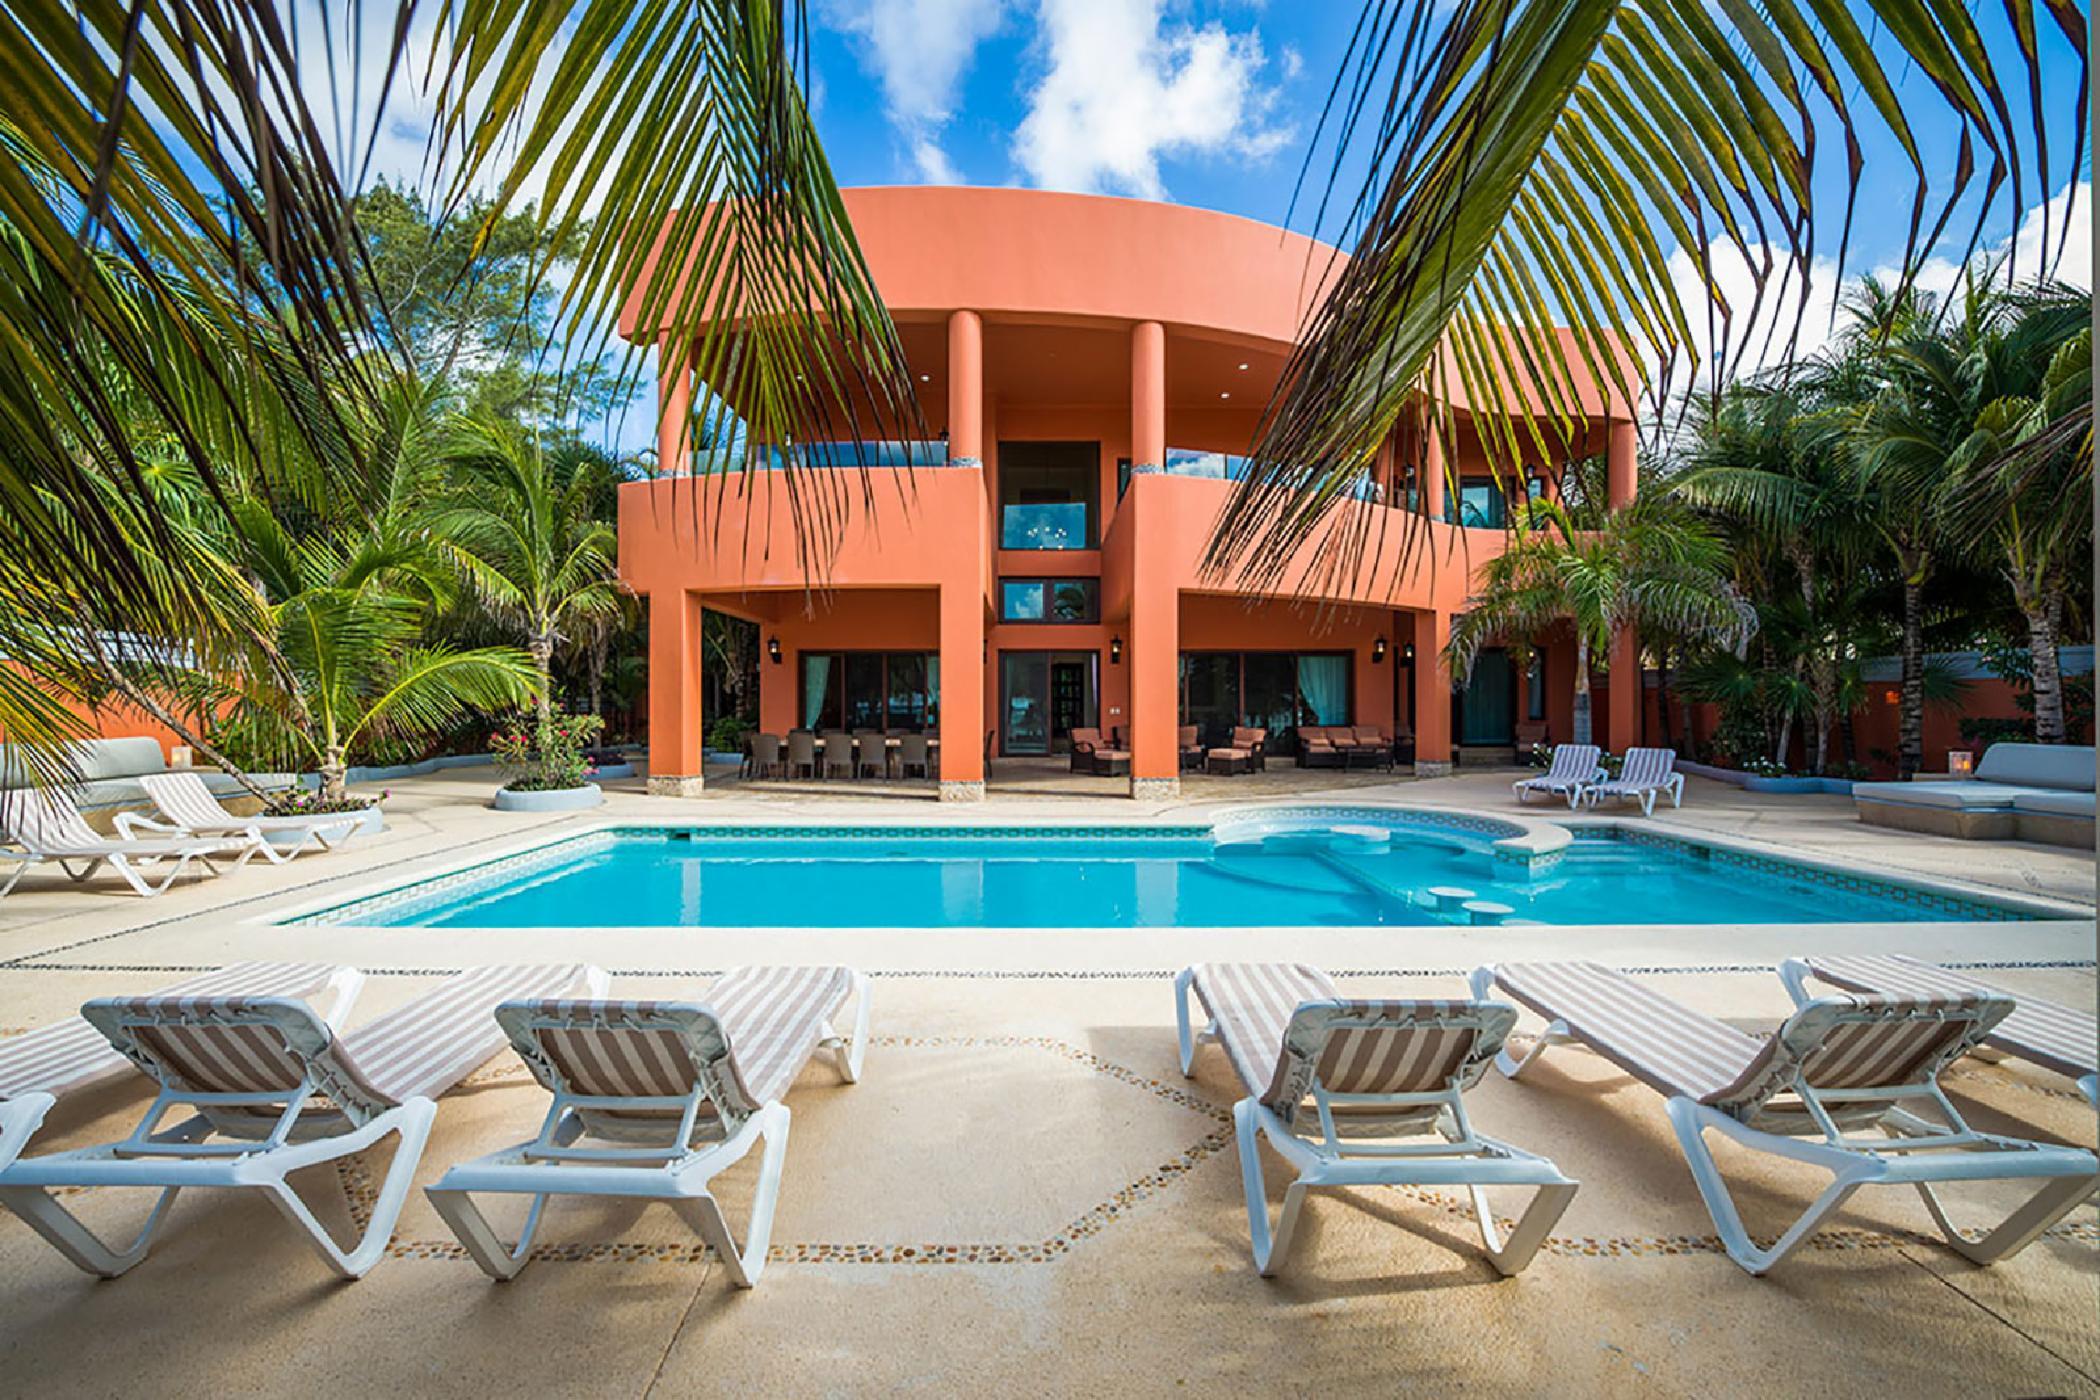 Maya_Luxe_Riviera_Maya_Luxury_Villas_Experiences_Tankah_Bay_Tulum_8_Bedrooms_Cenote_del_Mar_5.jpg